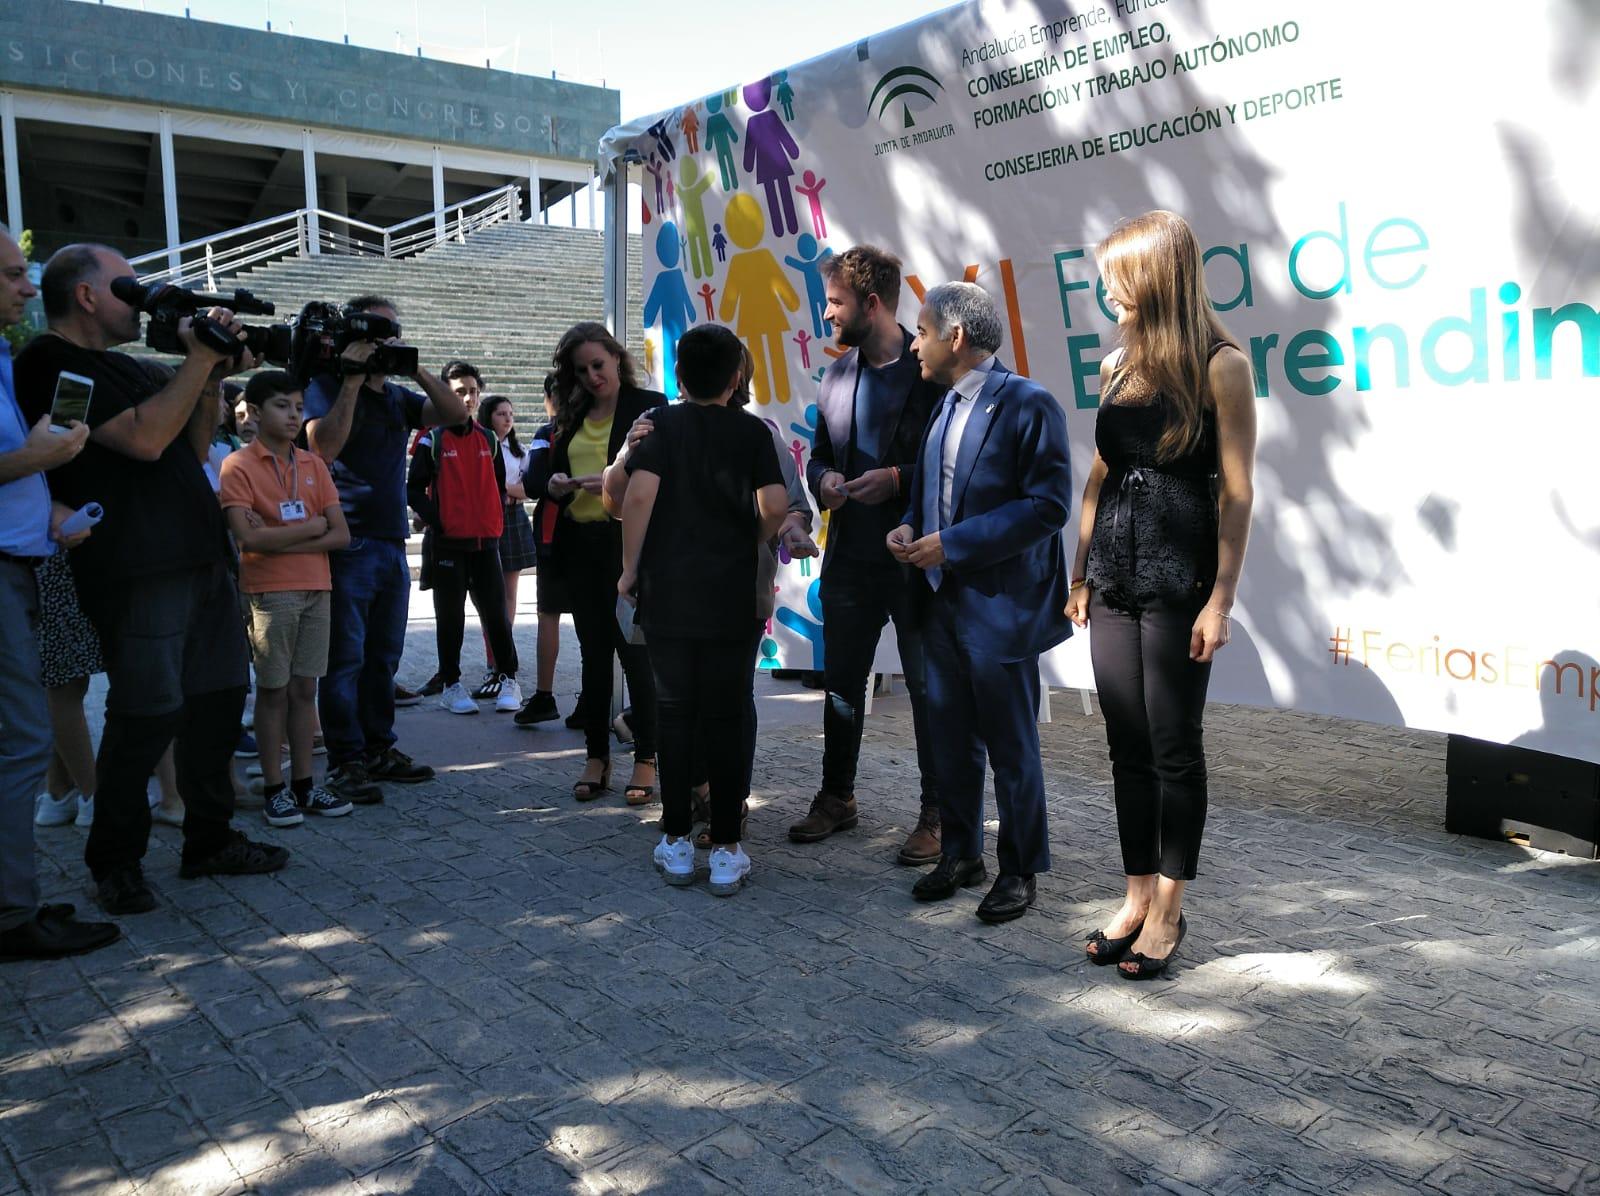 La Feria de Emprendimiento expone los proyectos empresariales surgidos en las aulas de Granada